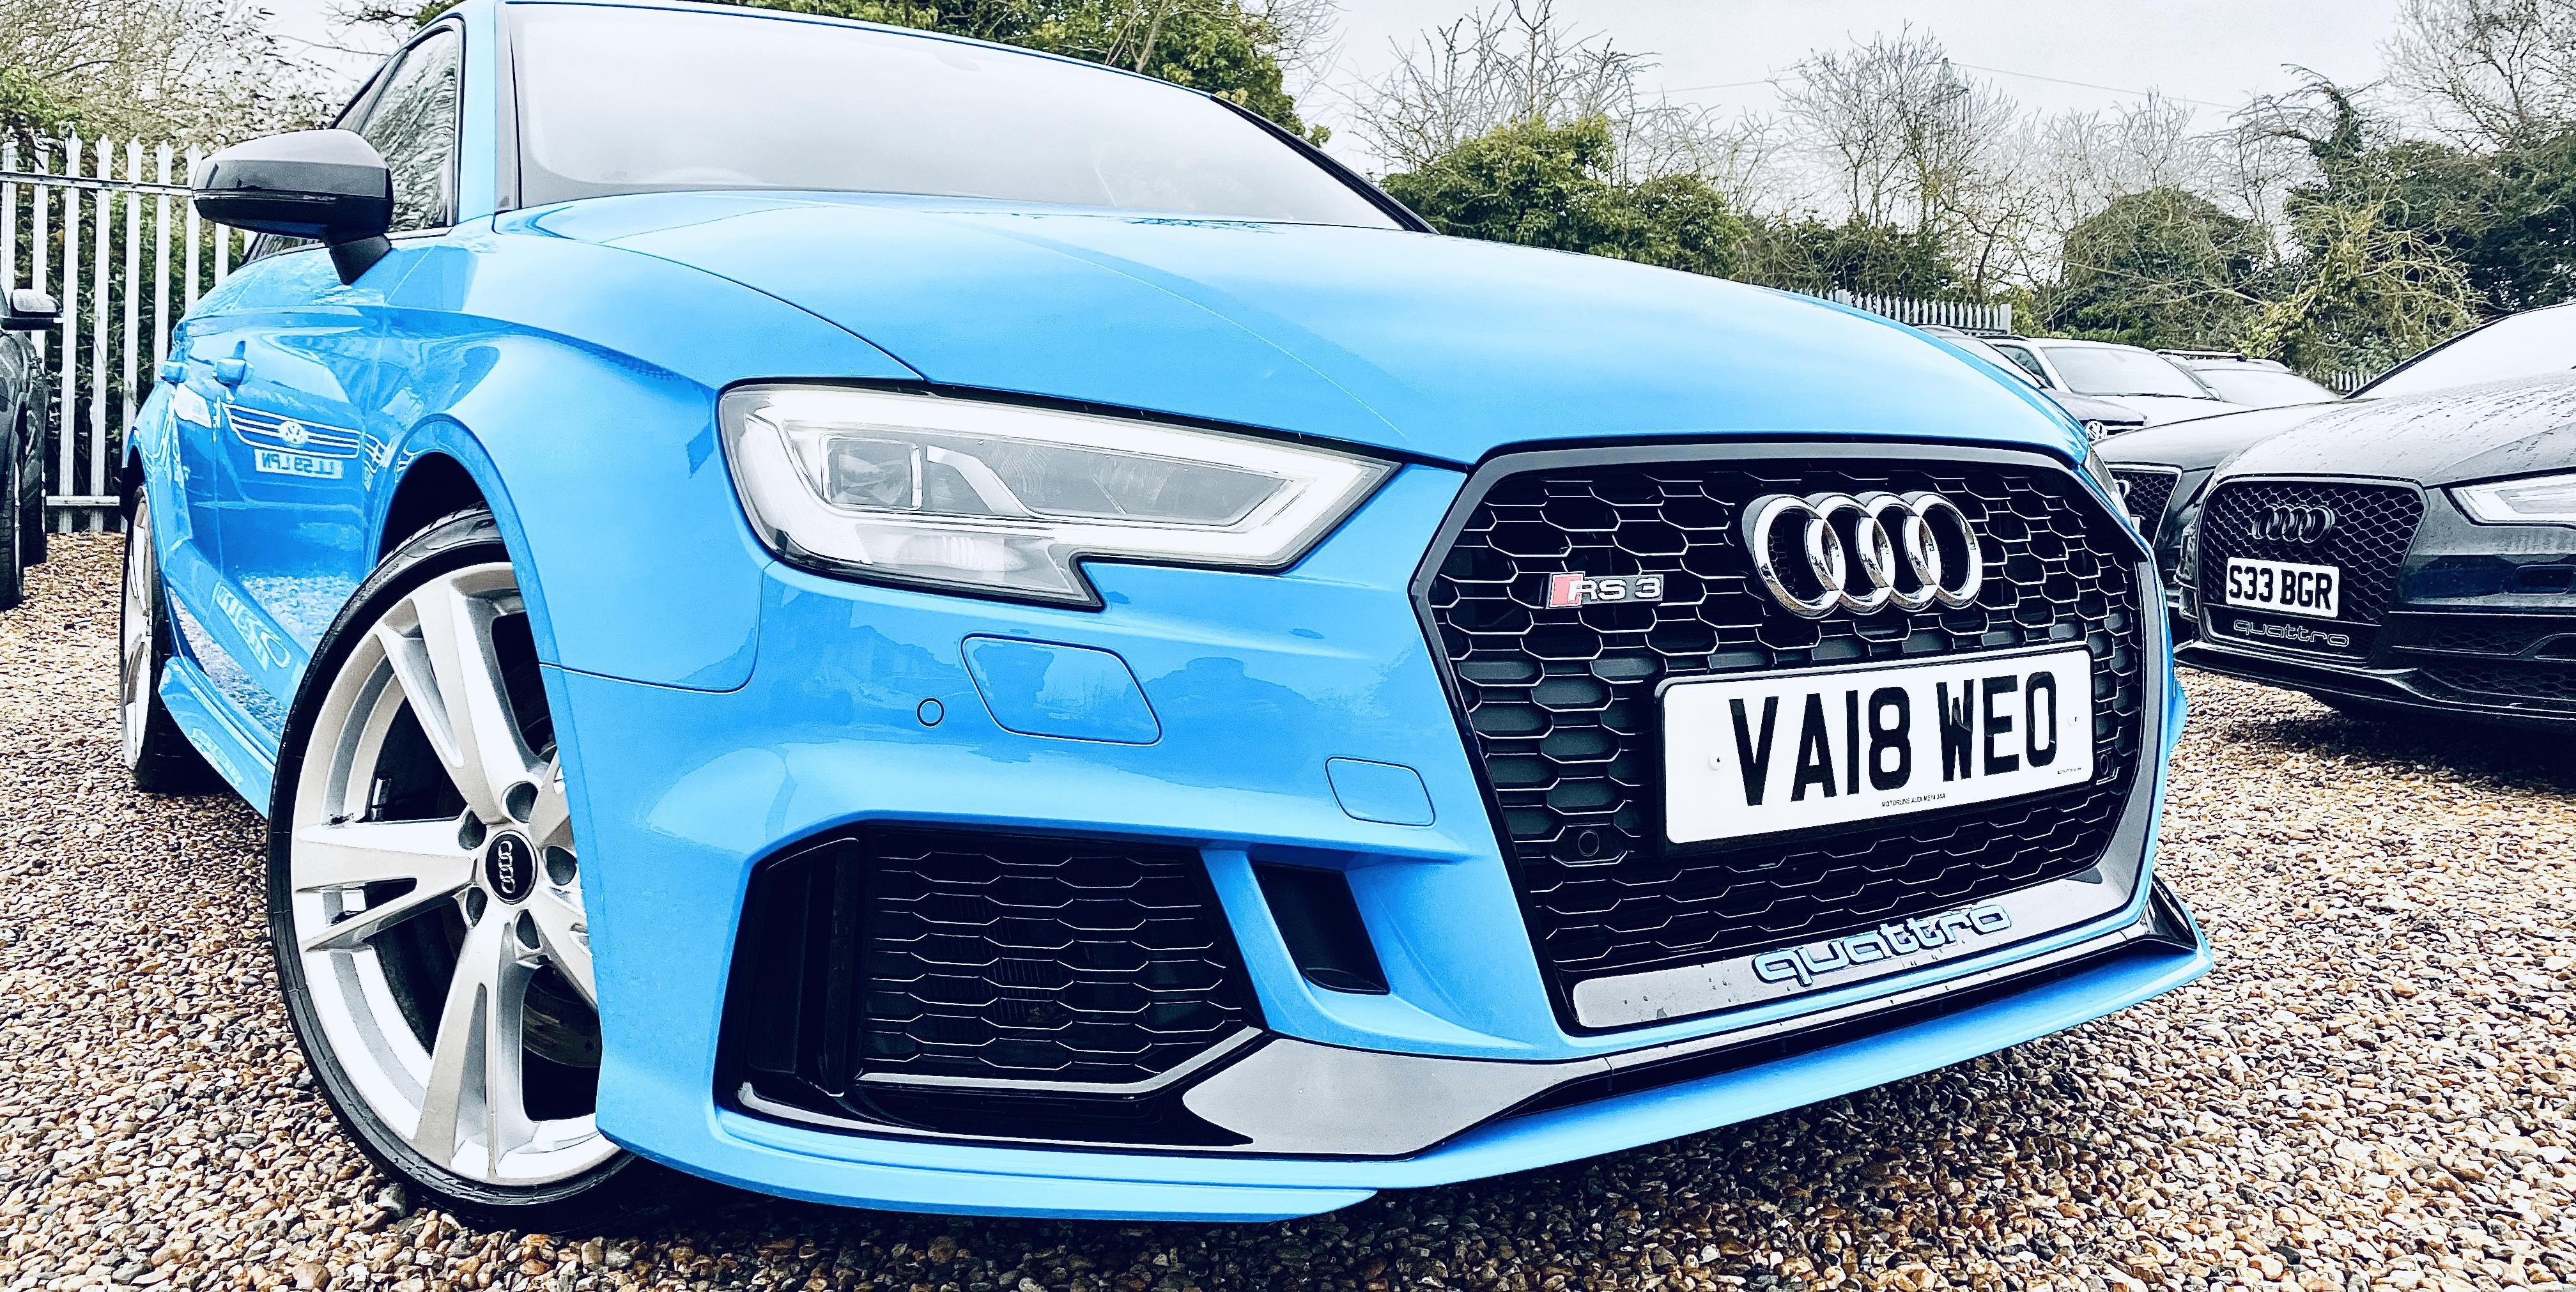 www.aj-cars.co.uk